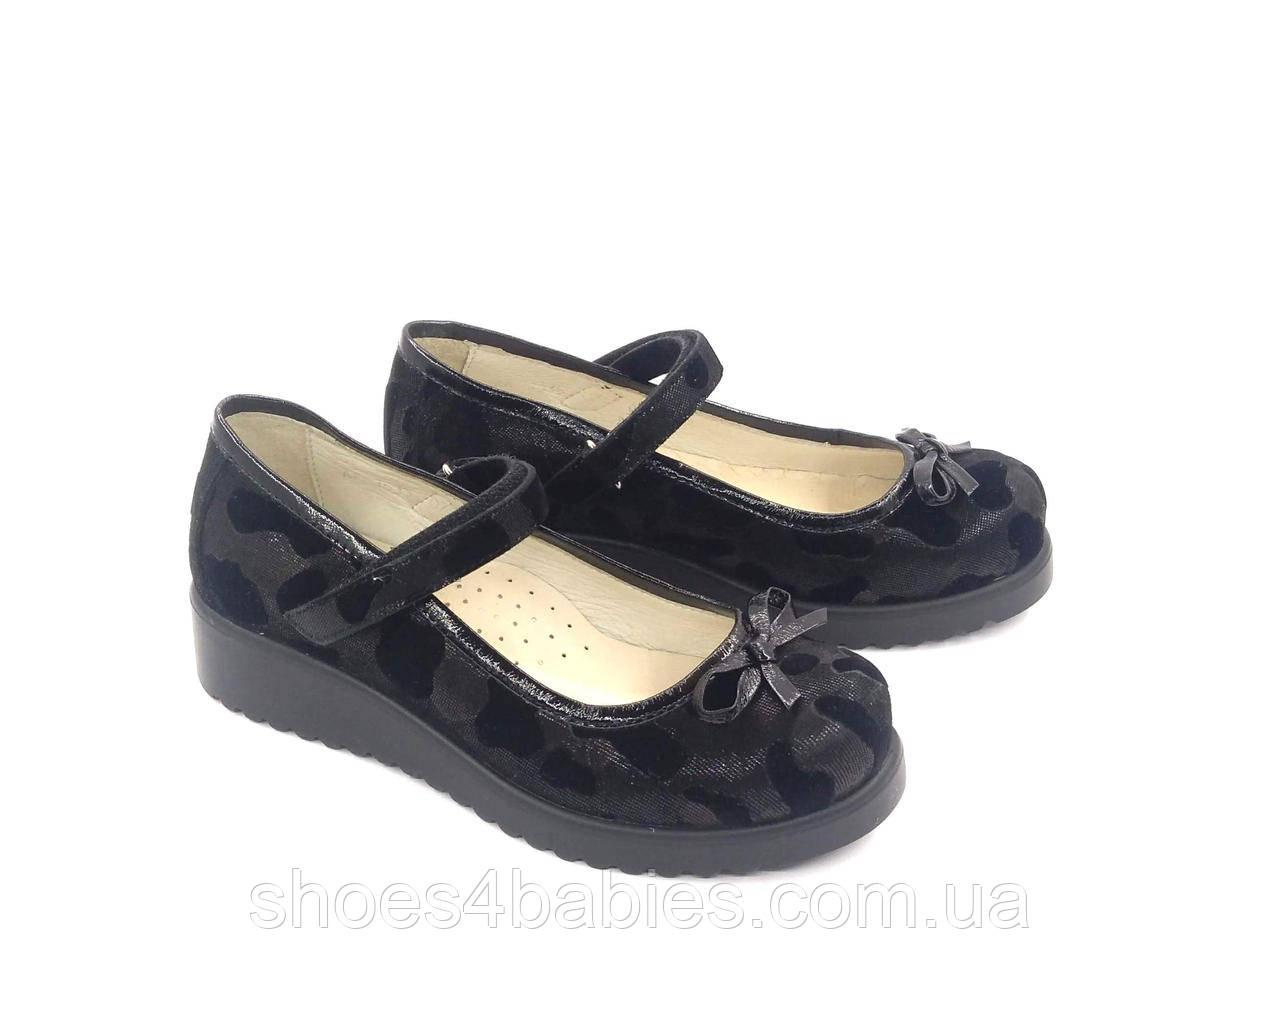 Туфли для девочки р. 31, 34, 35 TM FS кожаные черные